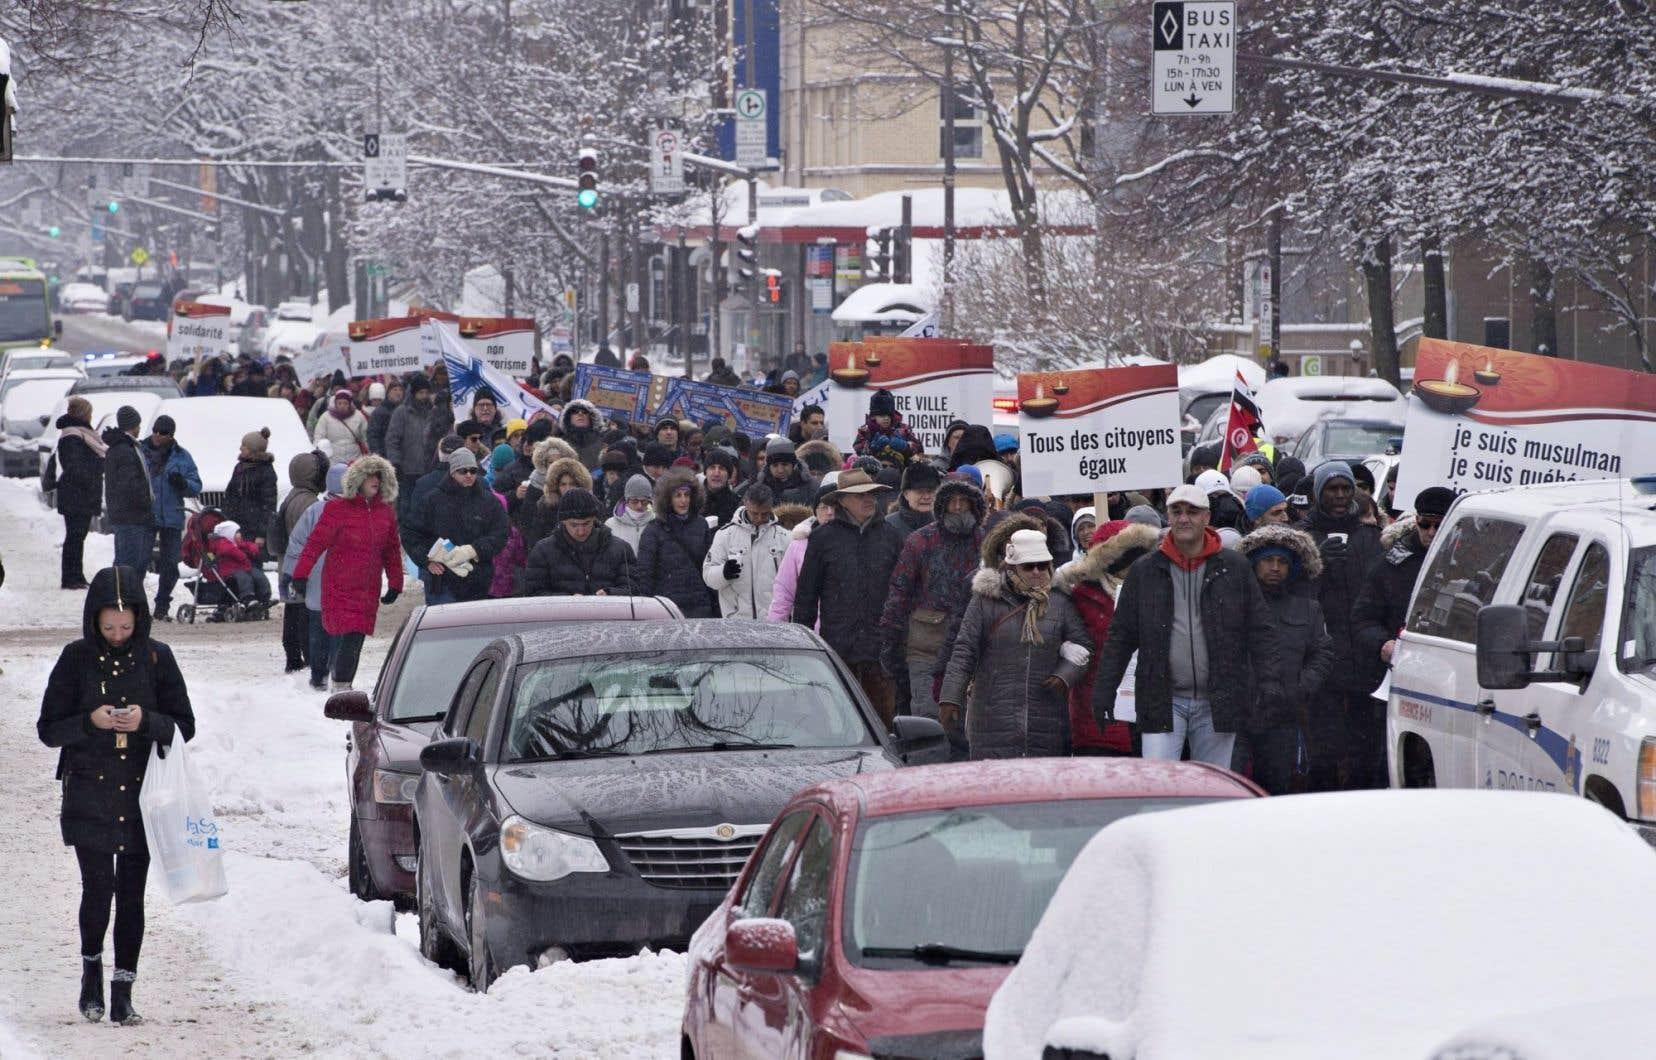 Plusieurs membres de la communauté fréquentant la mosquée située dans le centre ont marché en tête du défilé.